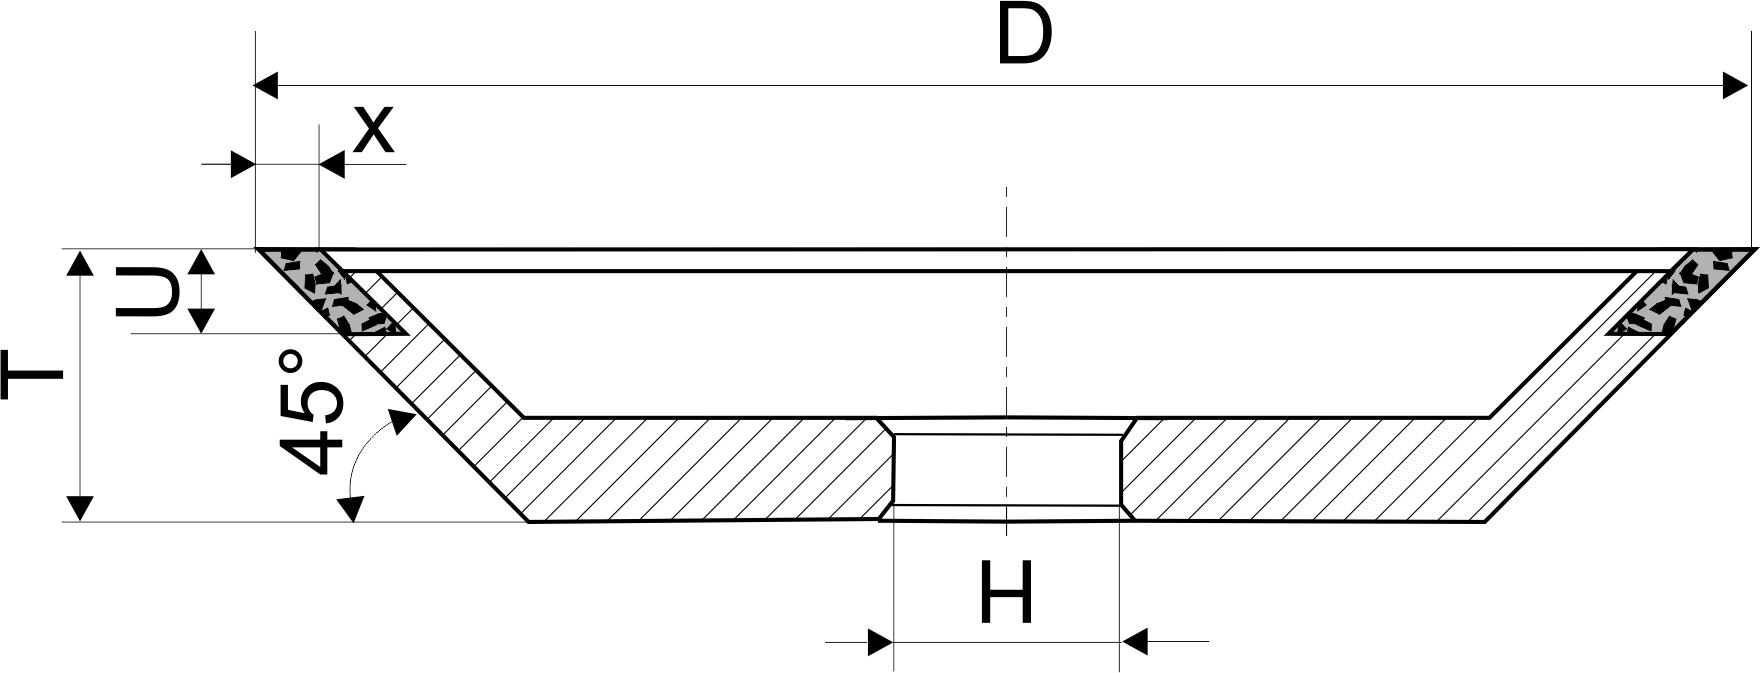 12V9-45. CBN Круги шлифовальные чашечные конические PDT